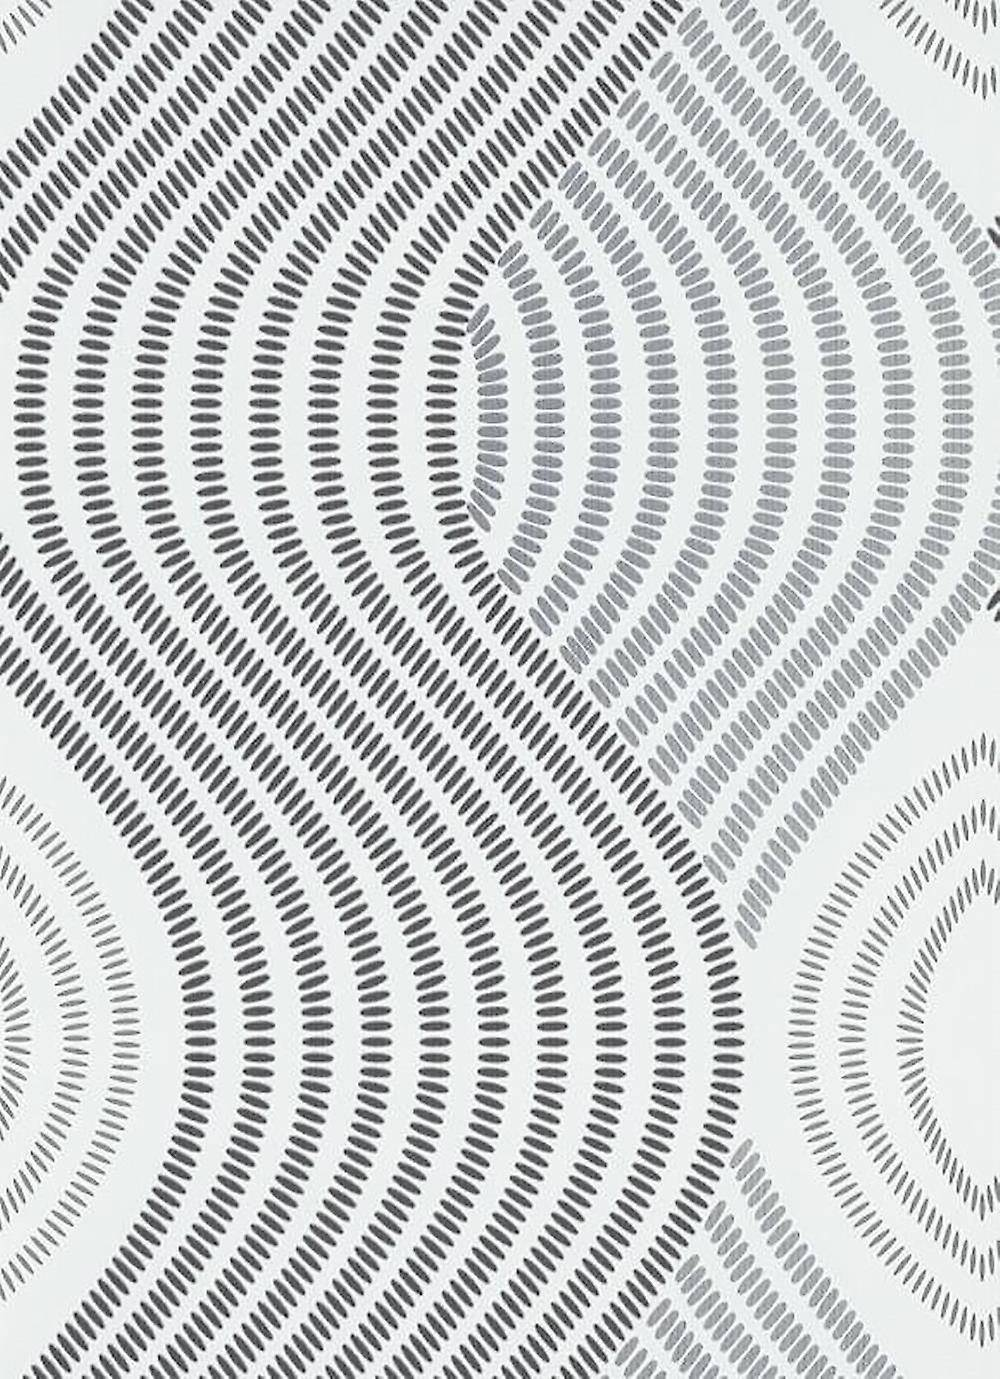 Erismann 3D Effect Waves Textured Wallpaper Erismann Coller The Wall White Black Silver